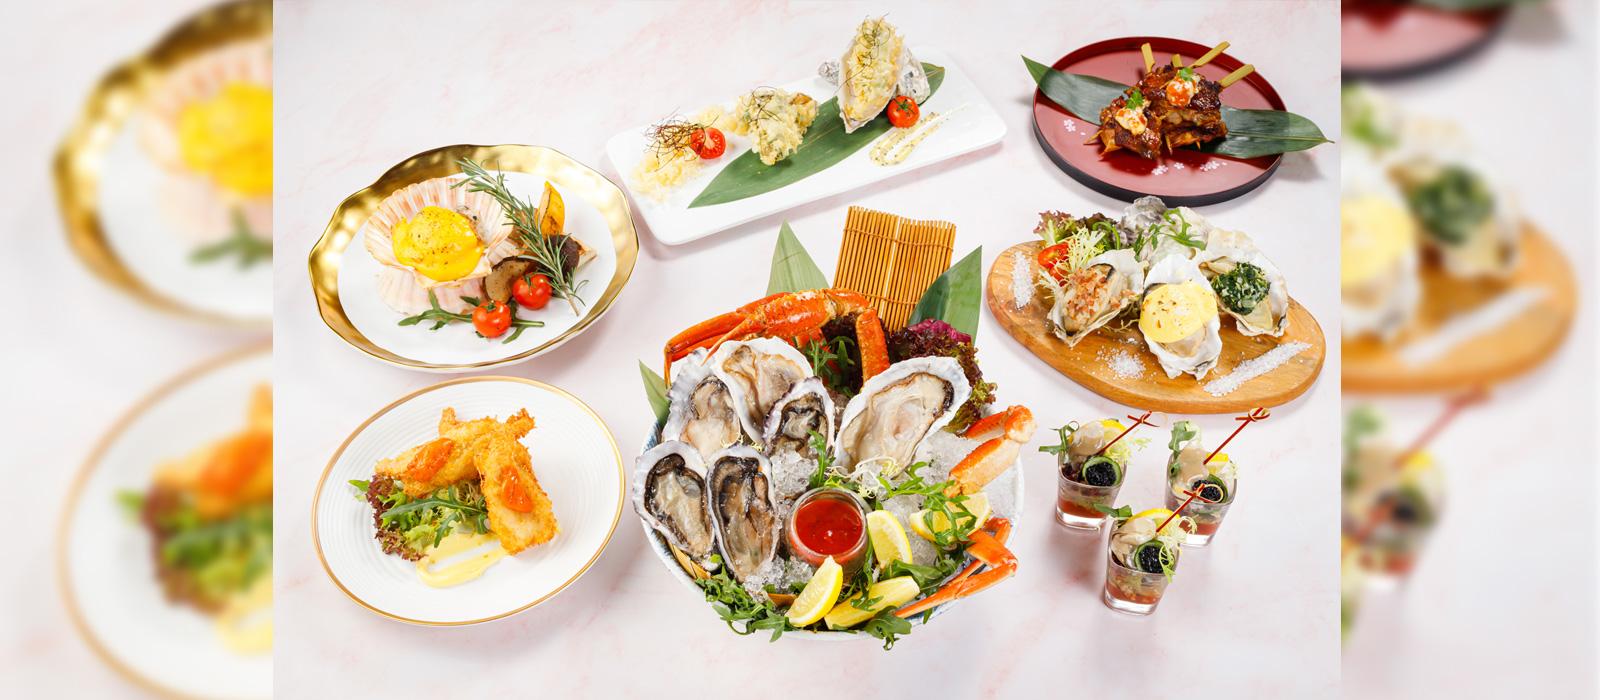 城景酒店 City Cafe - 海膽‧生蠔‧海鮮自助晚餐